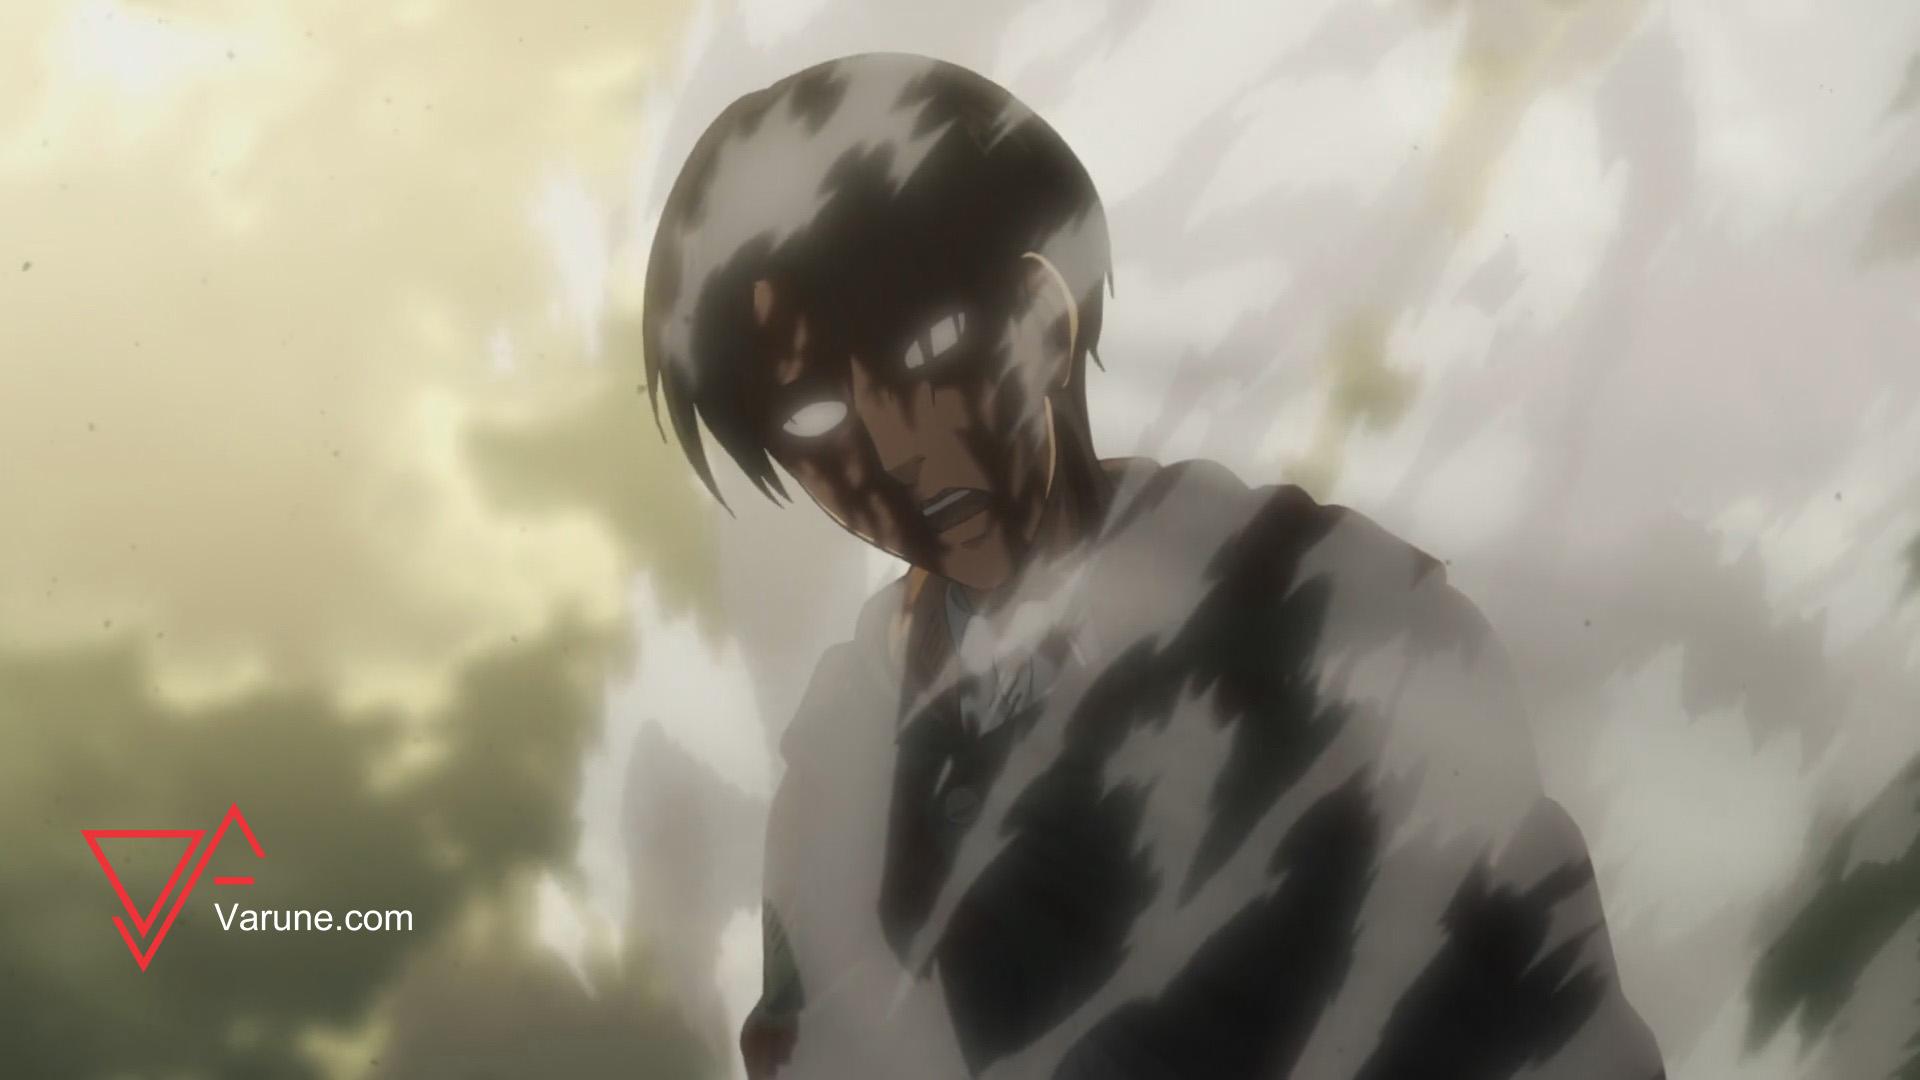 بررسی قسمت هجدهم فصل سوم انیمه Attack on Titan